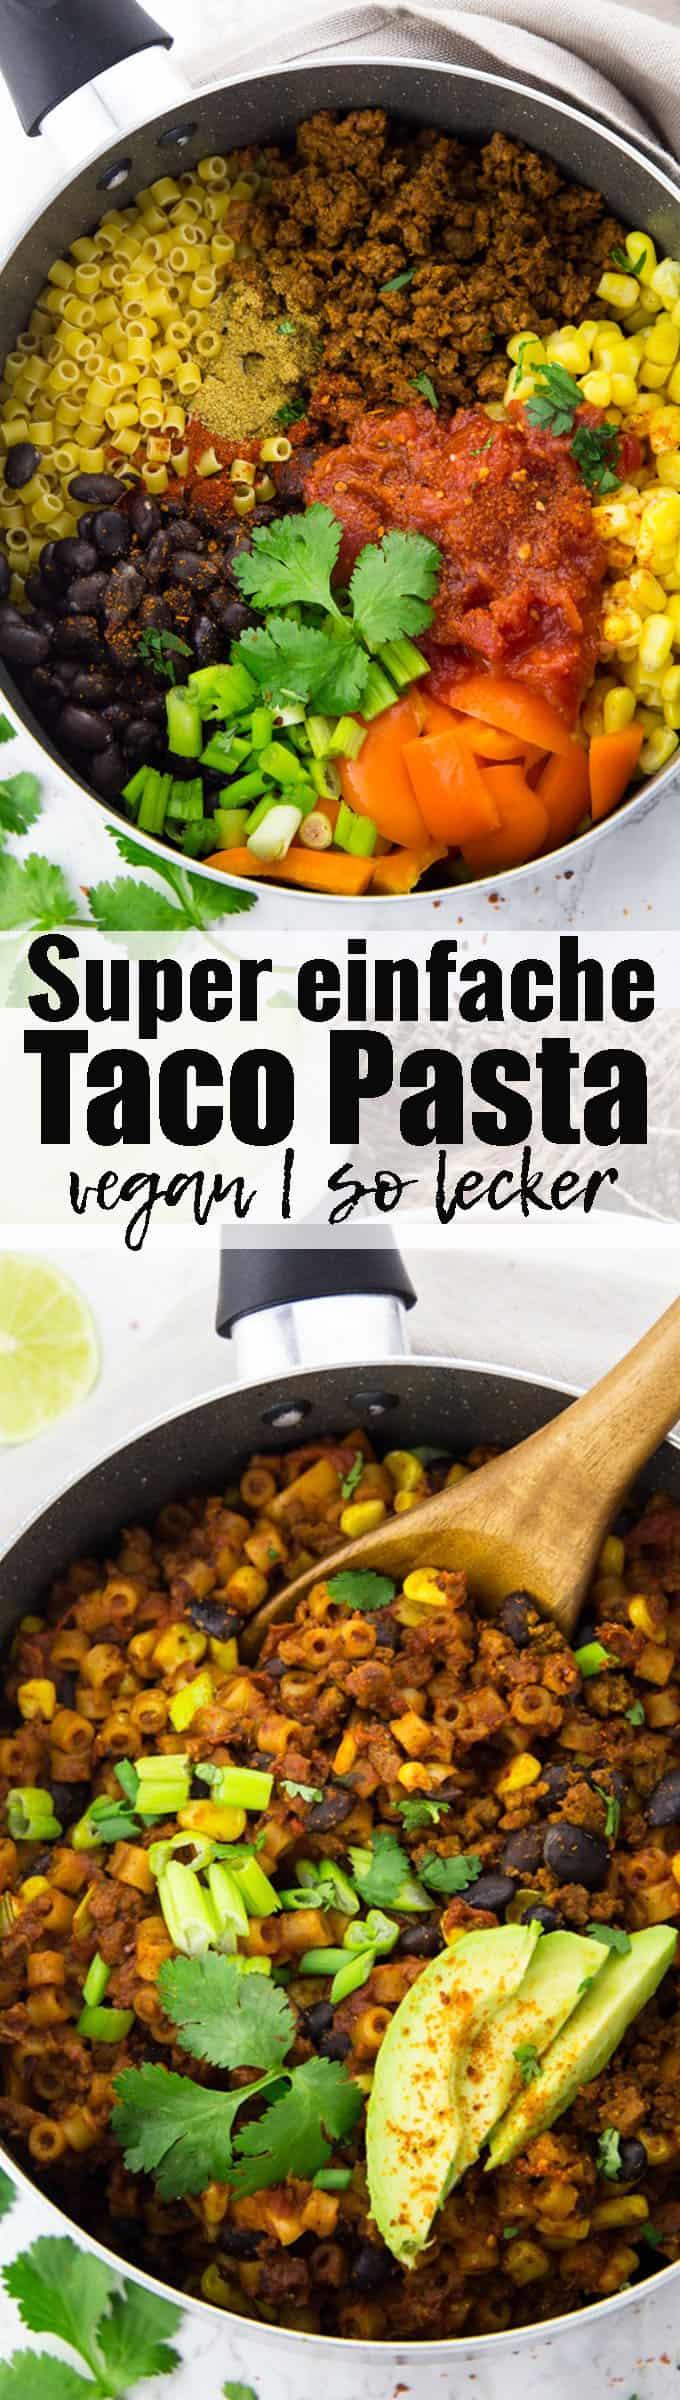 Super leckeres und einfaches veganes Rezept für Taco Pasta mit schwarzen Bohnen und Mais. So ein richtiges Wohlfühlessen und perfekt als schnelles Abendessen! Mehr vegane Rezepte findet ihr auf veganheaven.de !